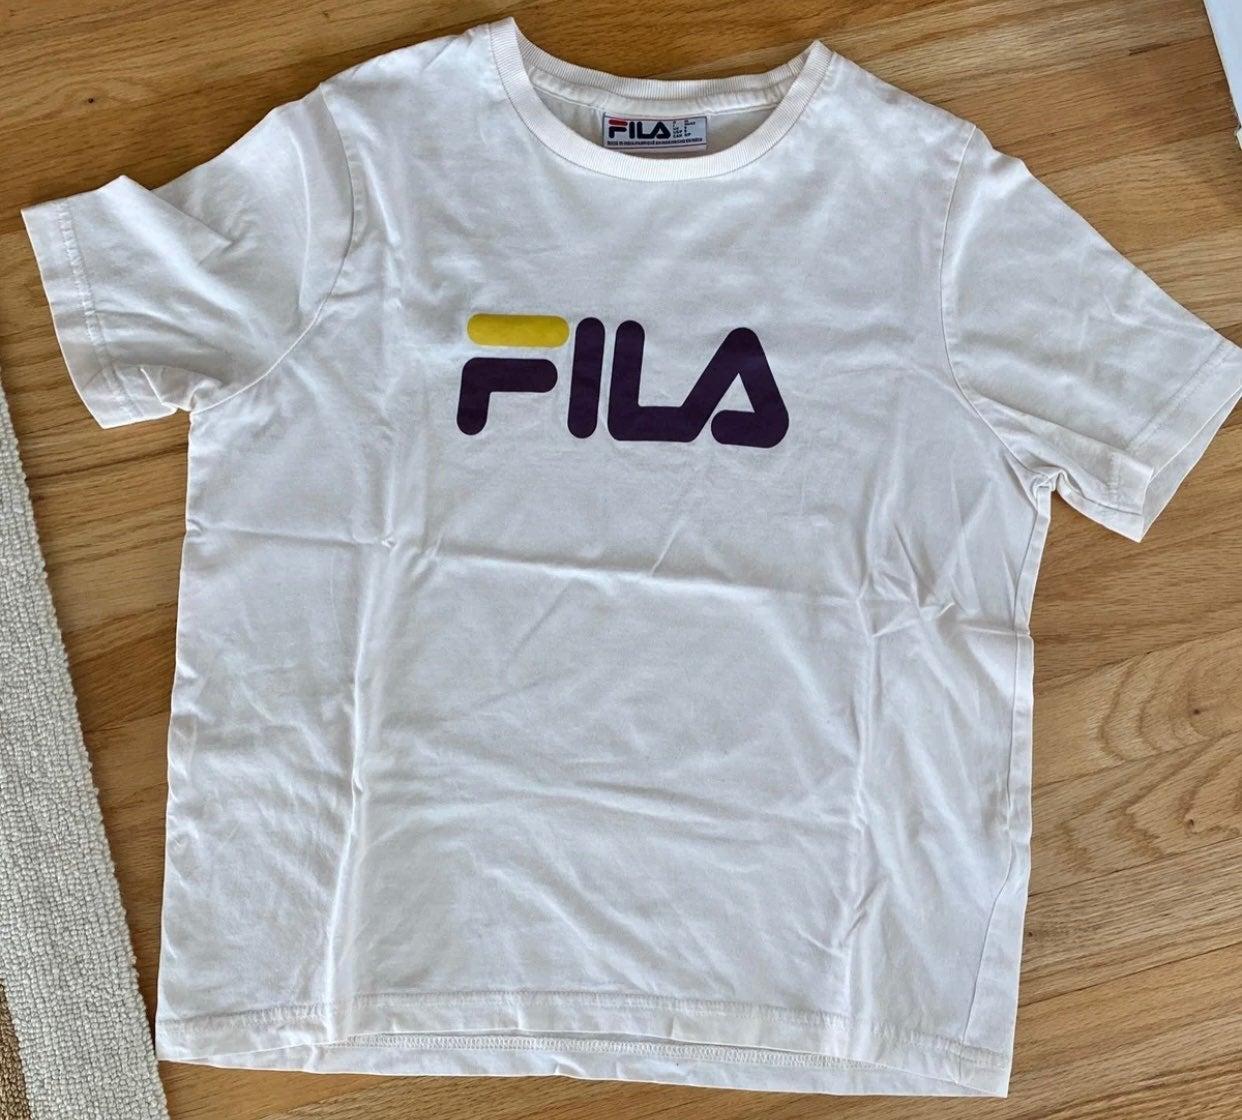 Fila Women's Tee Shirt